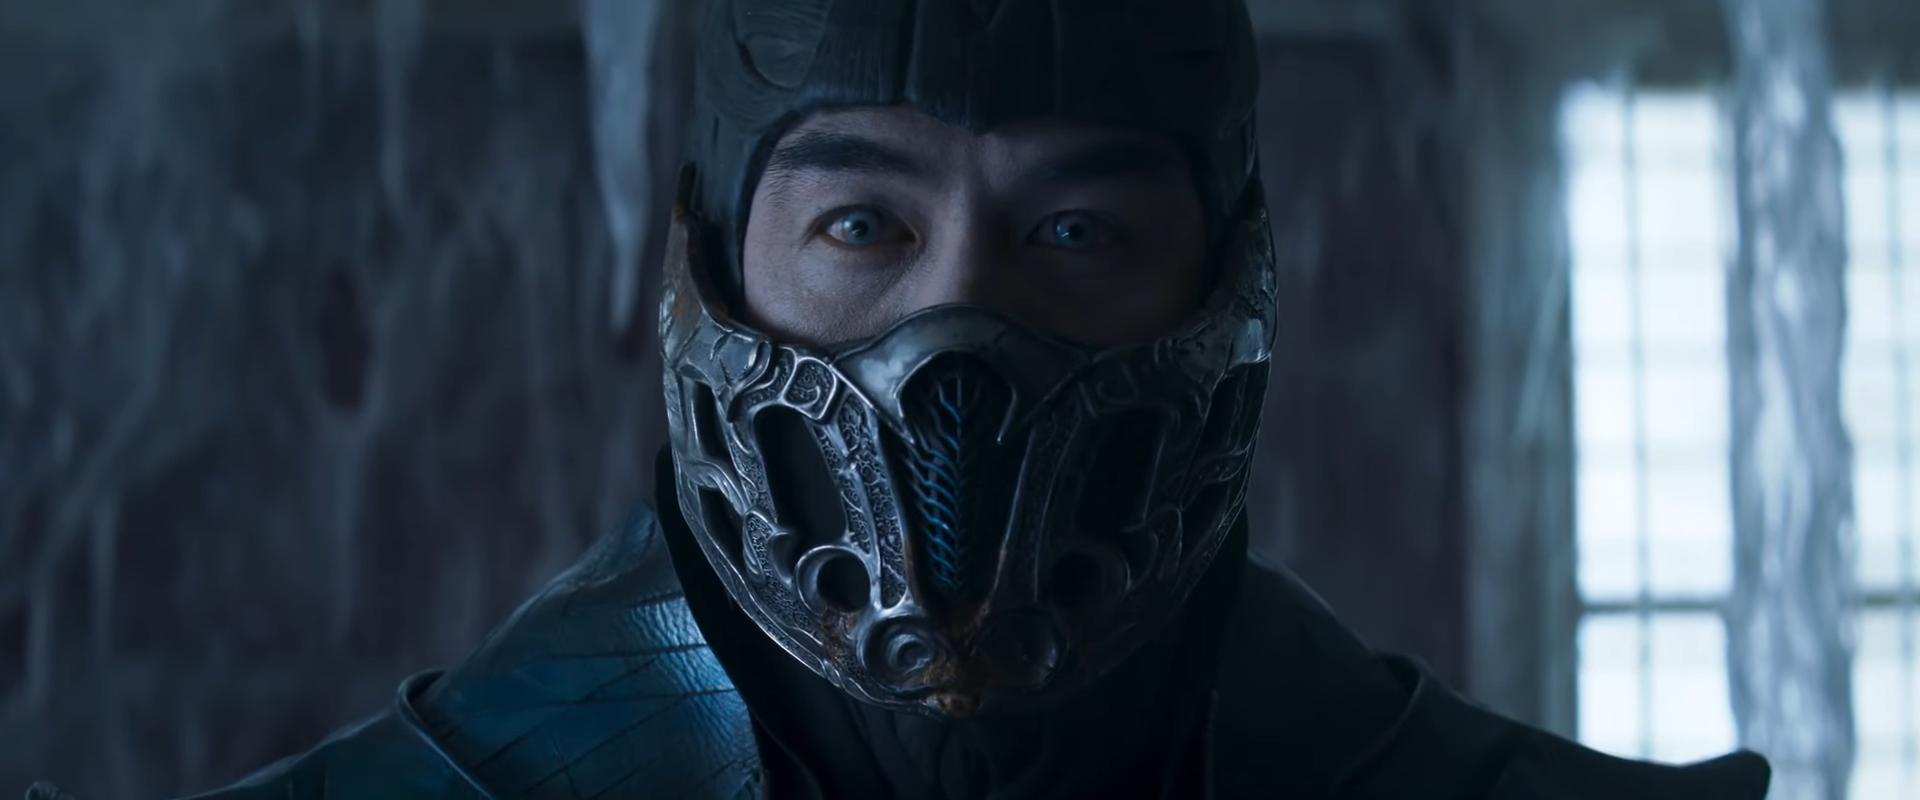 Mortal Kombat Filme Sub-Zero